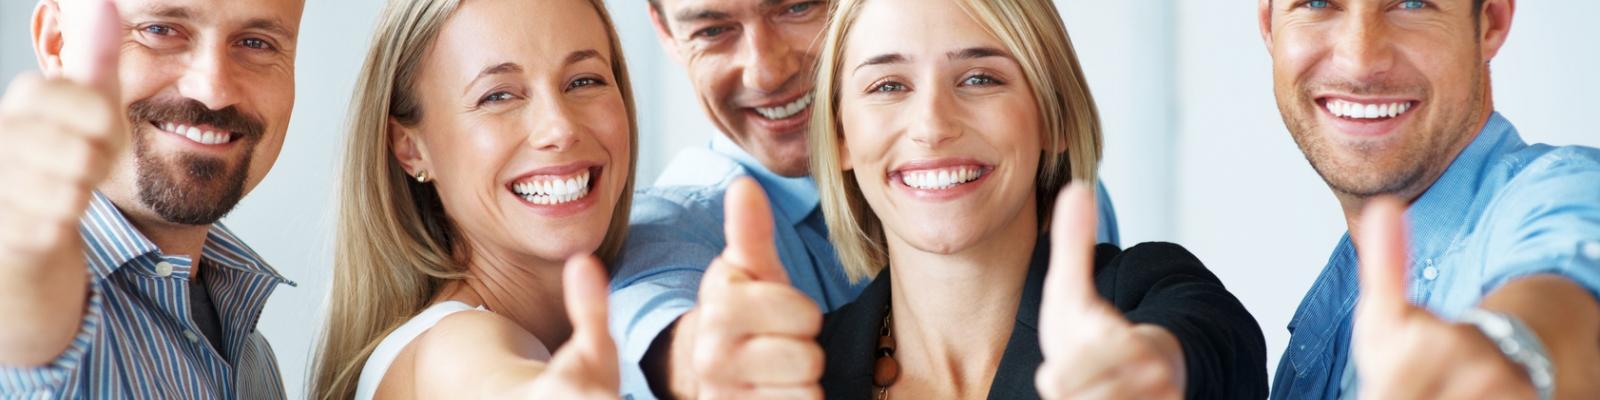 4 tipy pre úspešný kongres